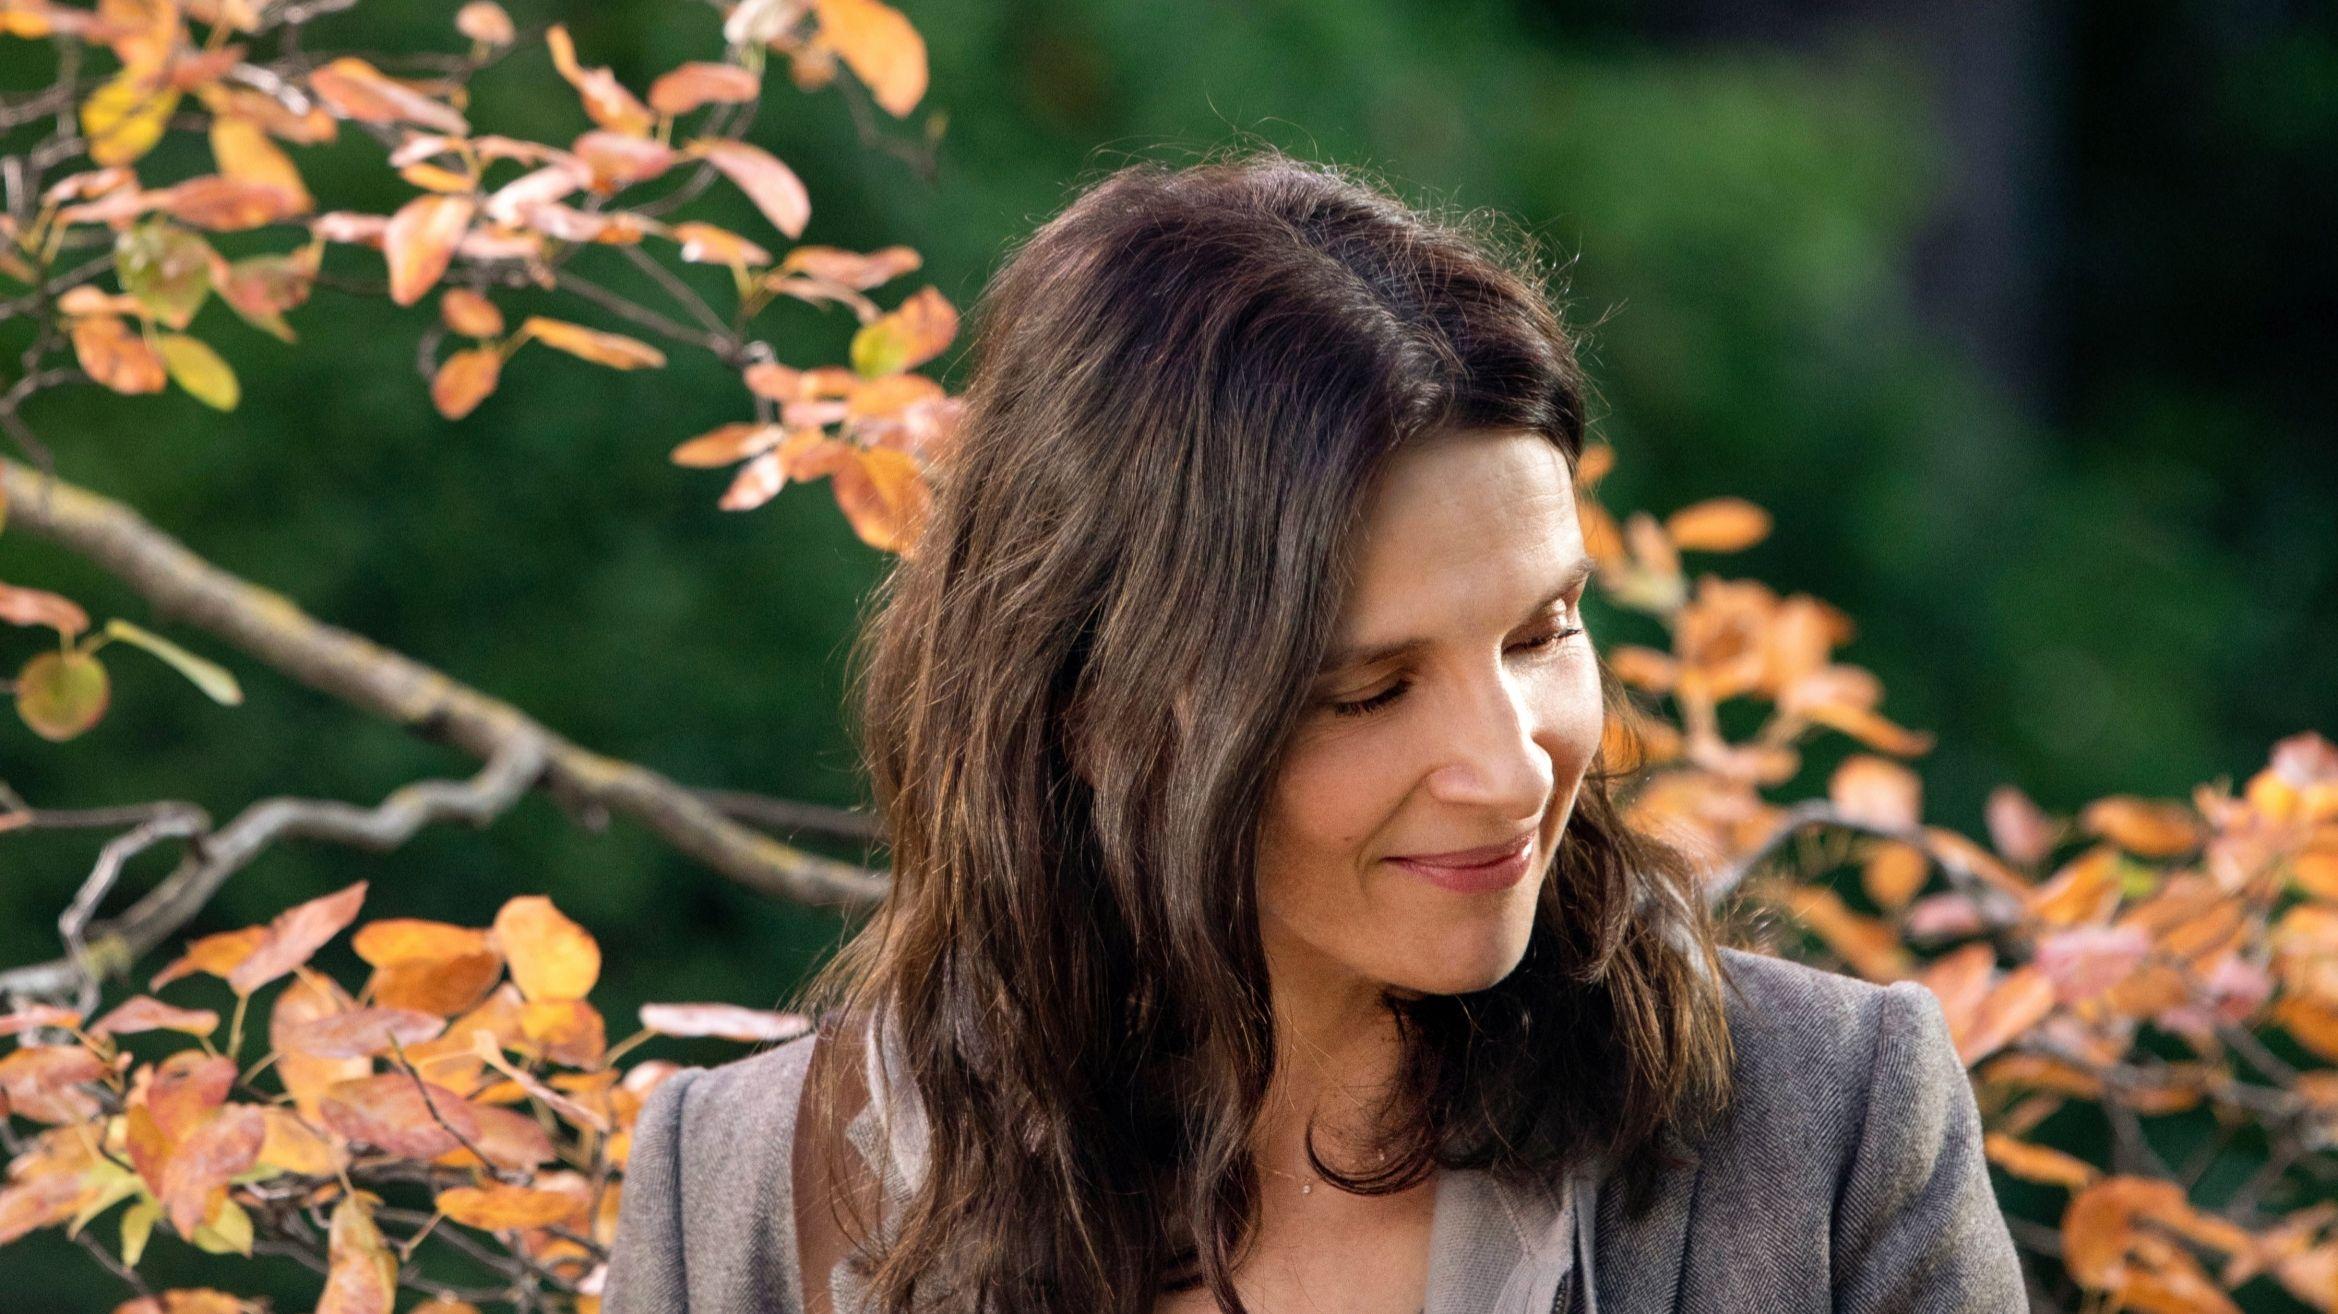 """Szene aus """"La Vérité"""" mit Juliette Binoche, die im Garten vor einem herbstlichen Baum steht."""